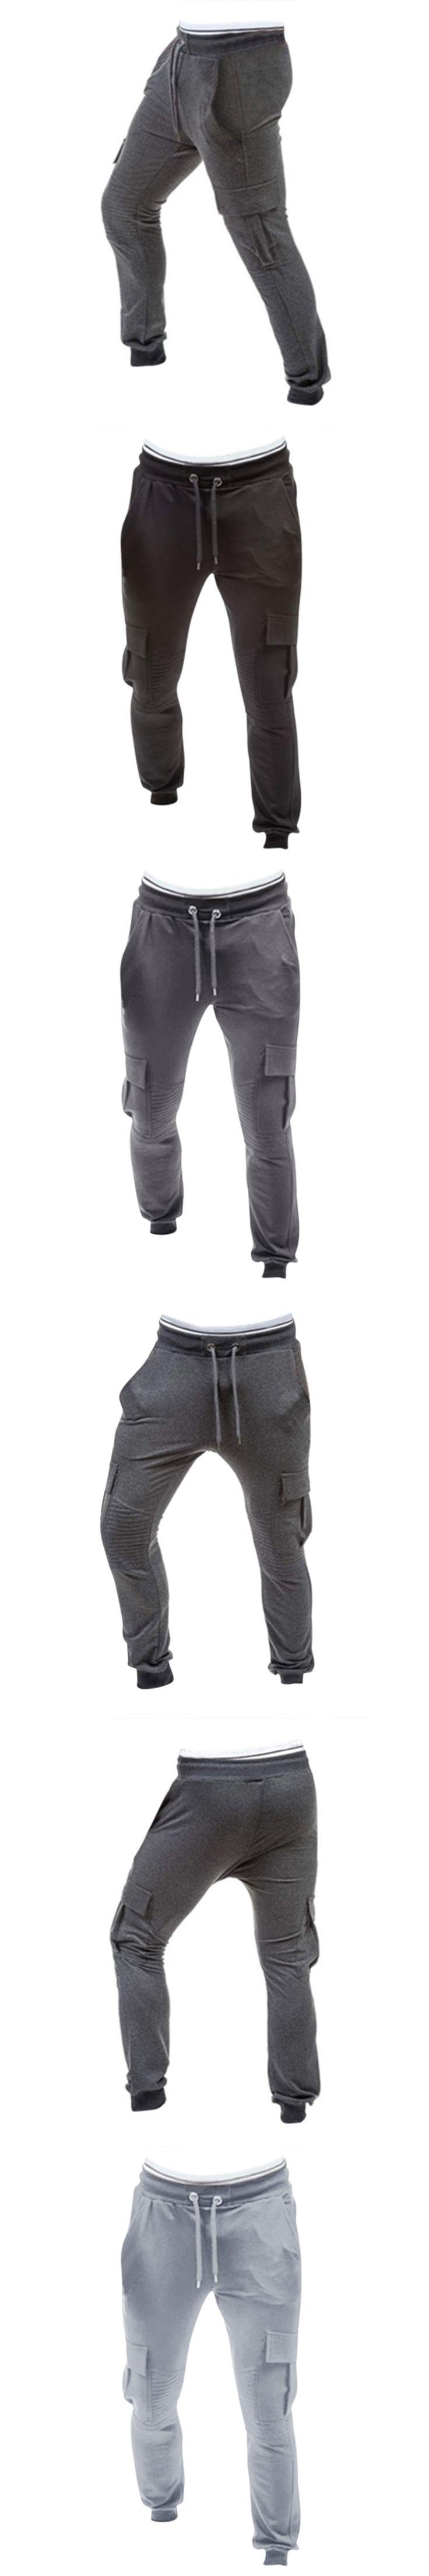 Men Casual Harem Pants 2018 Sprig Male Drawstring Long Workout Pants Cotton Joggers Tracksuit Trousers Male Sweatpants 3XL